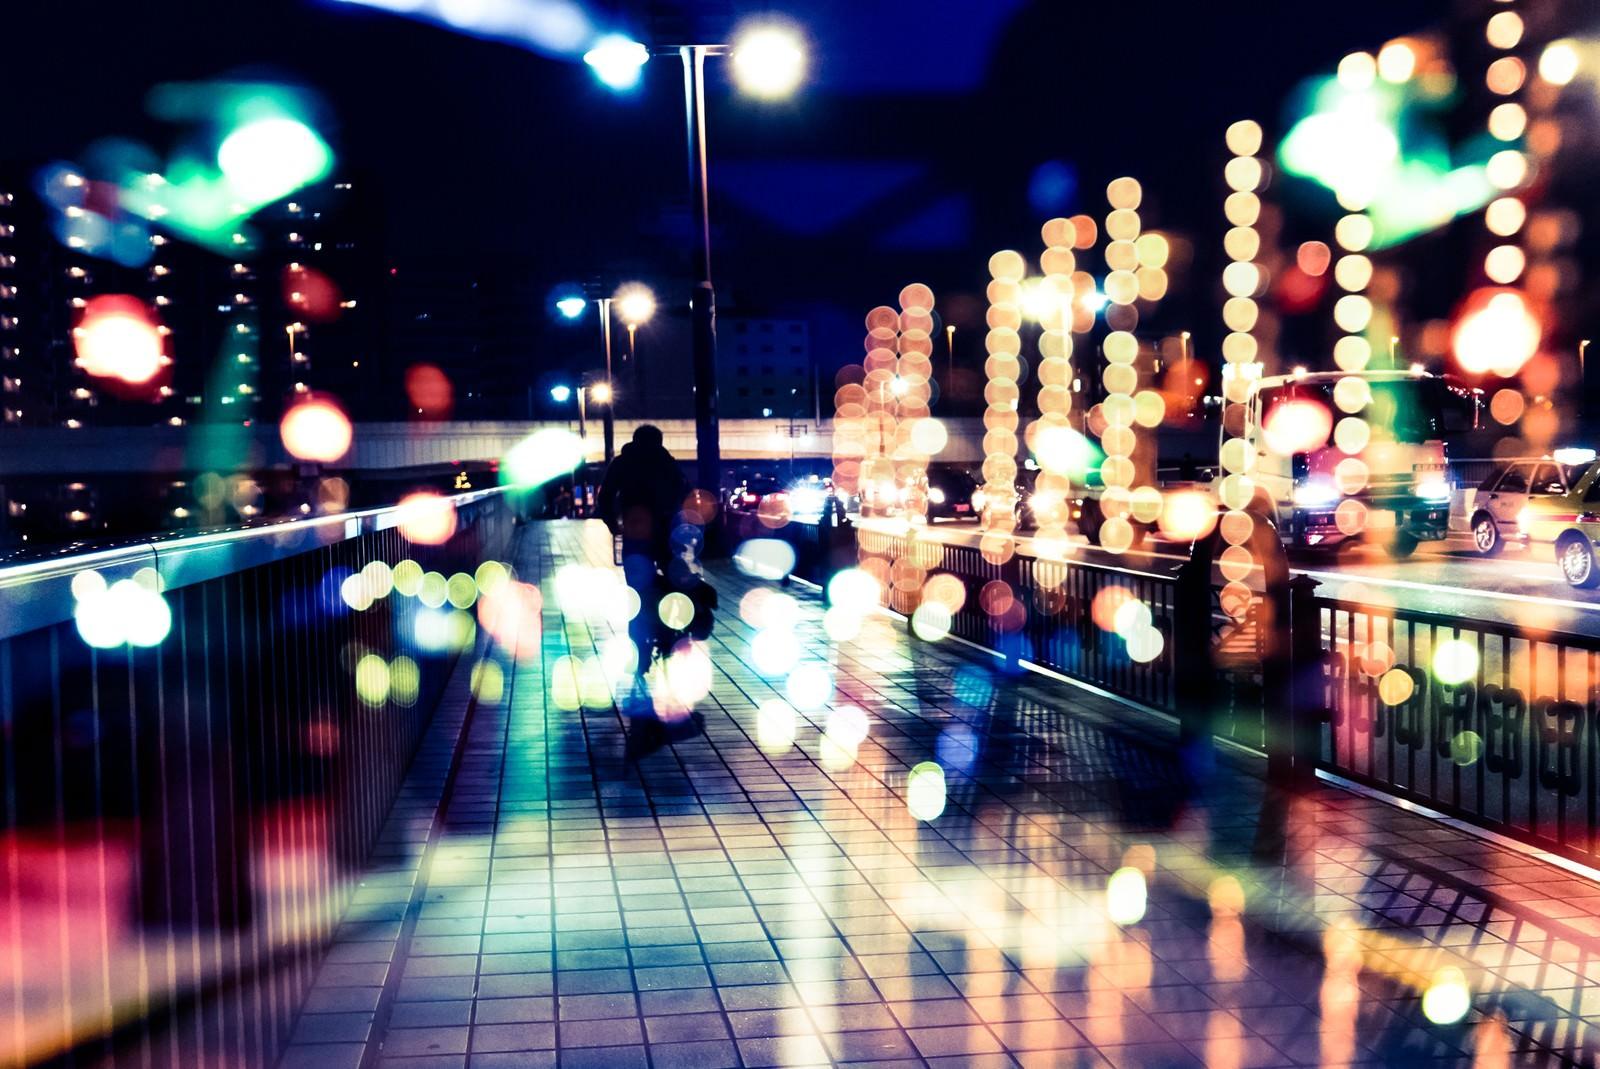 「丸ボケの光と街(フォトモンタージュ)」の写真